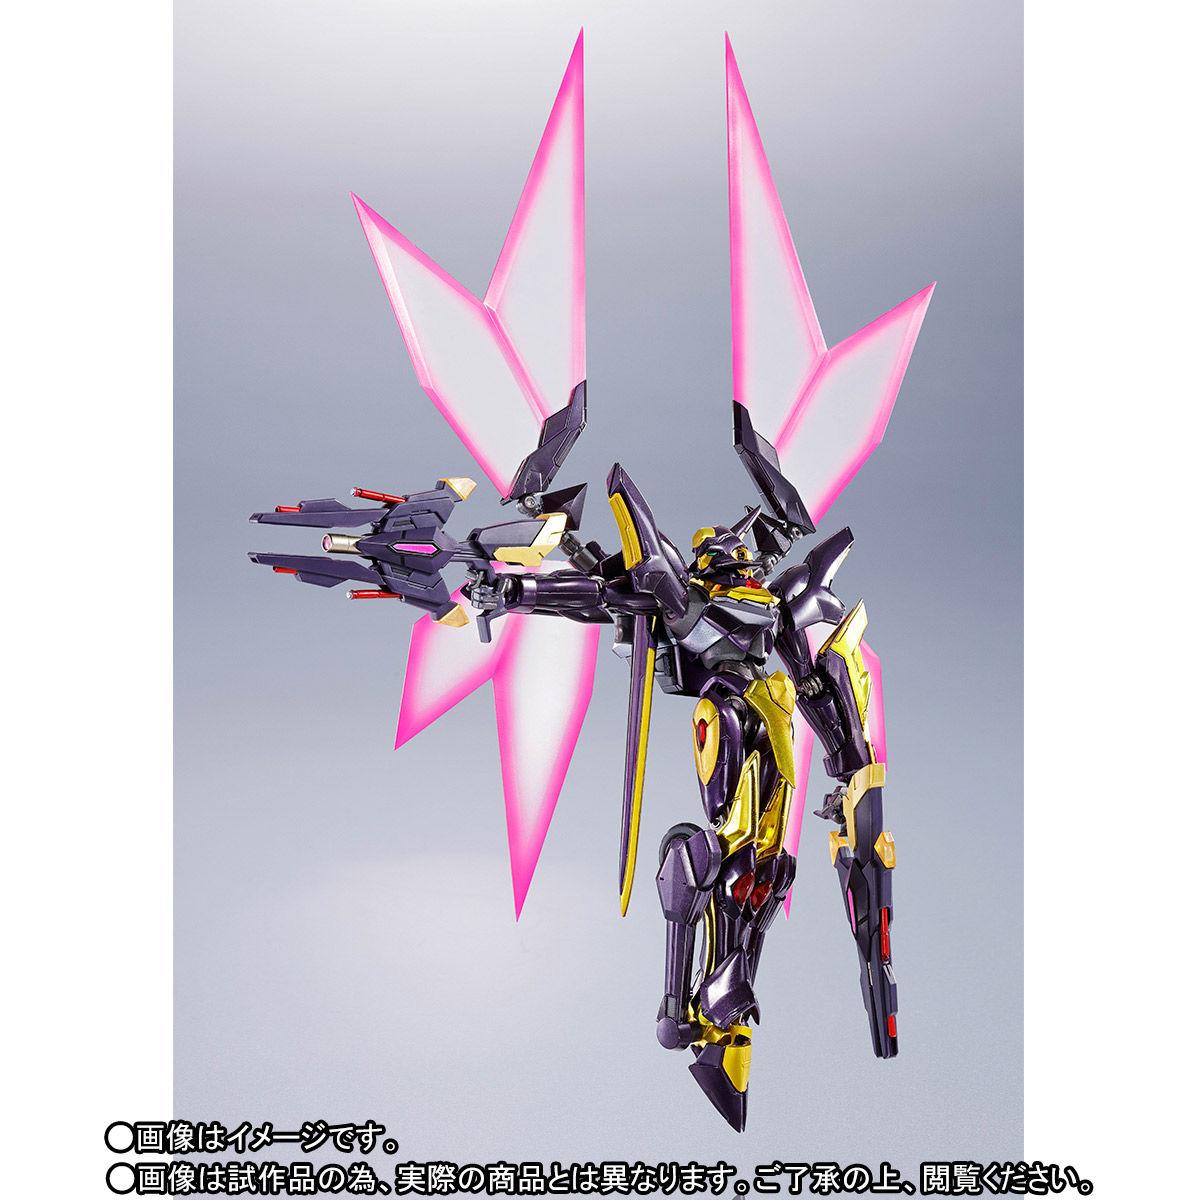 METAL ROBOT魂〈SIDE KMF〉『ランスロット・アルビオン ゼロ』コードギアス 可動フィギュア-003